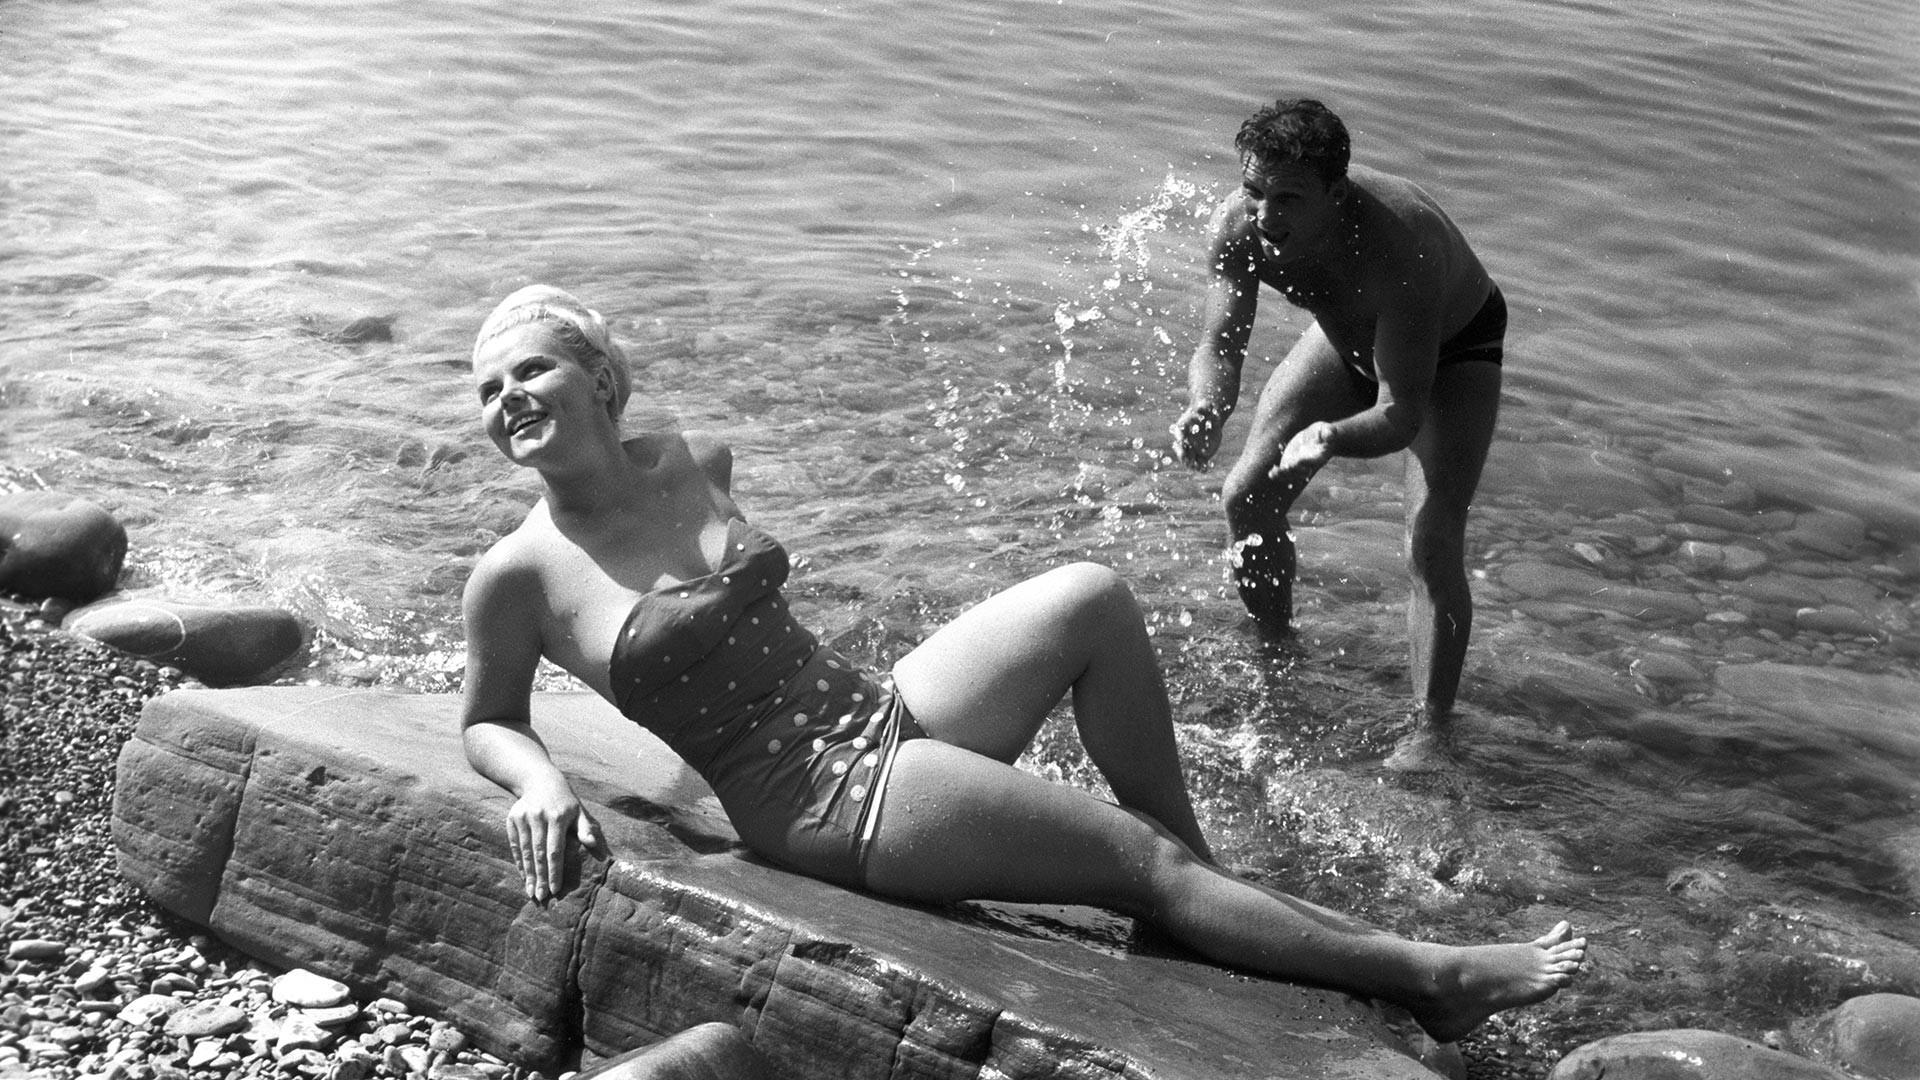 Berlibur di pantai di Sochi, 1960-an.